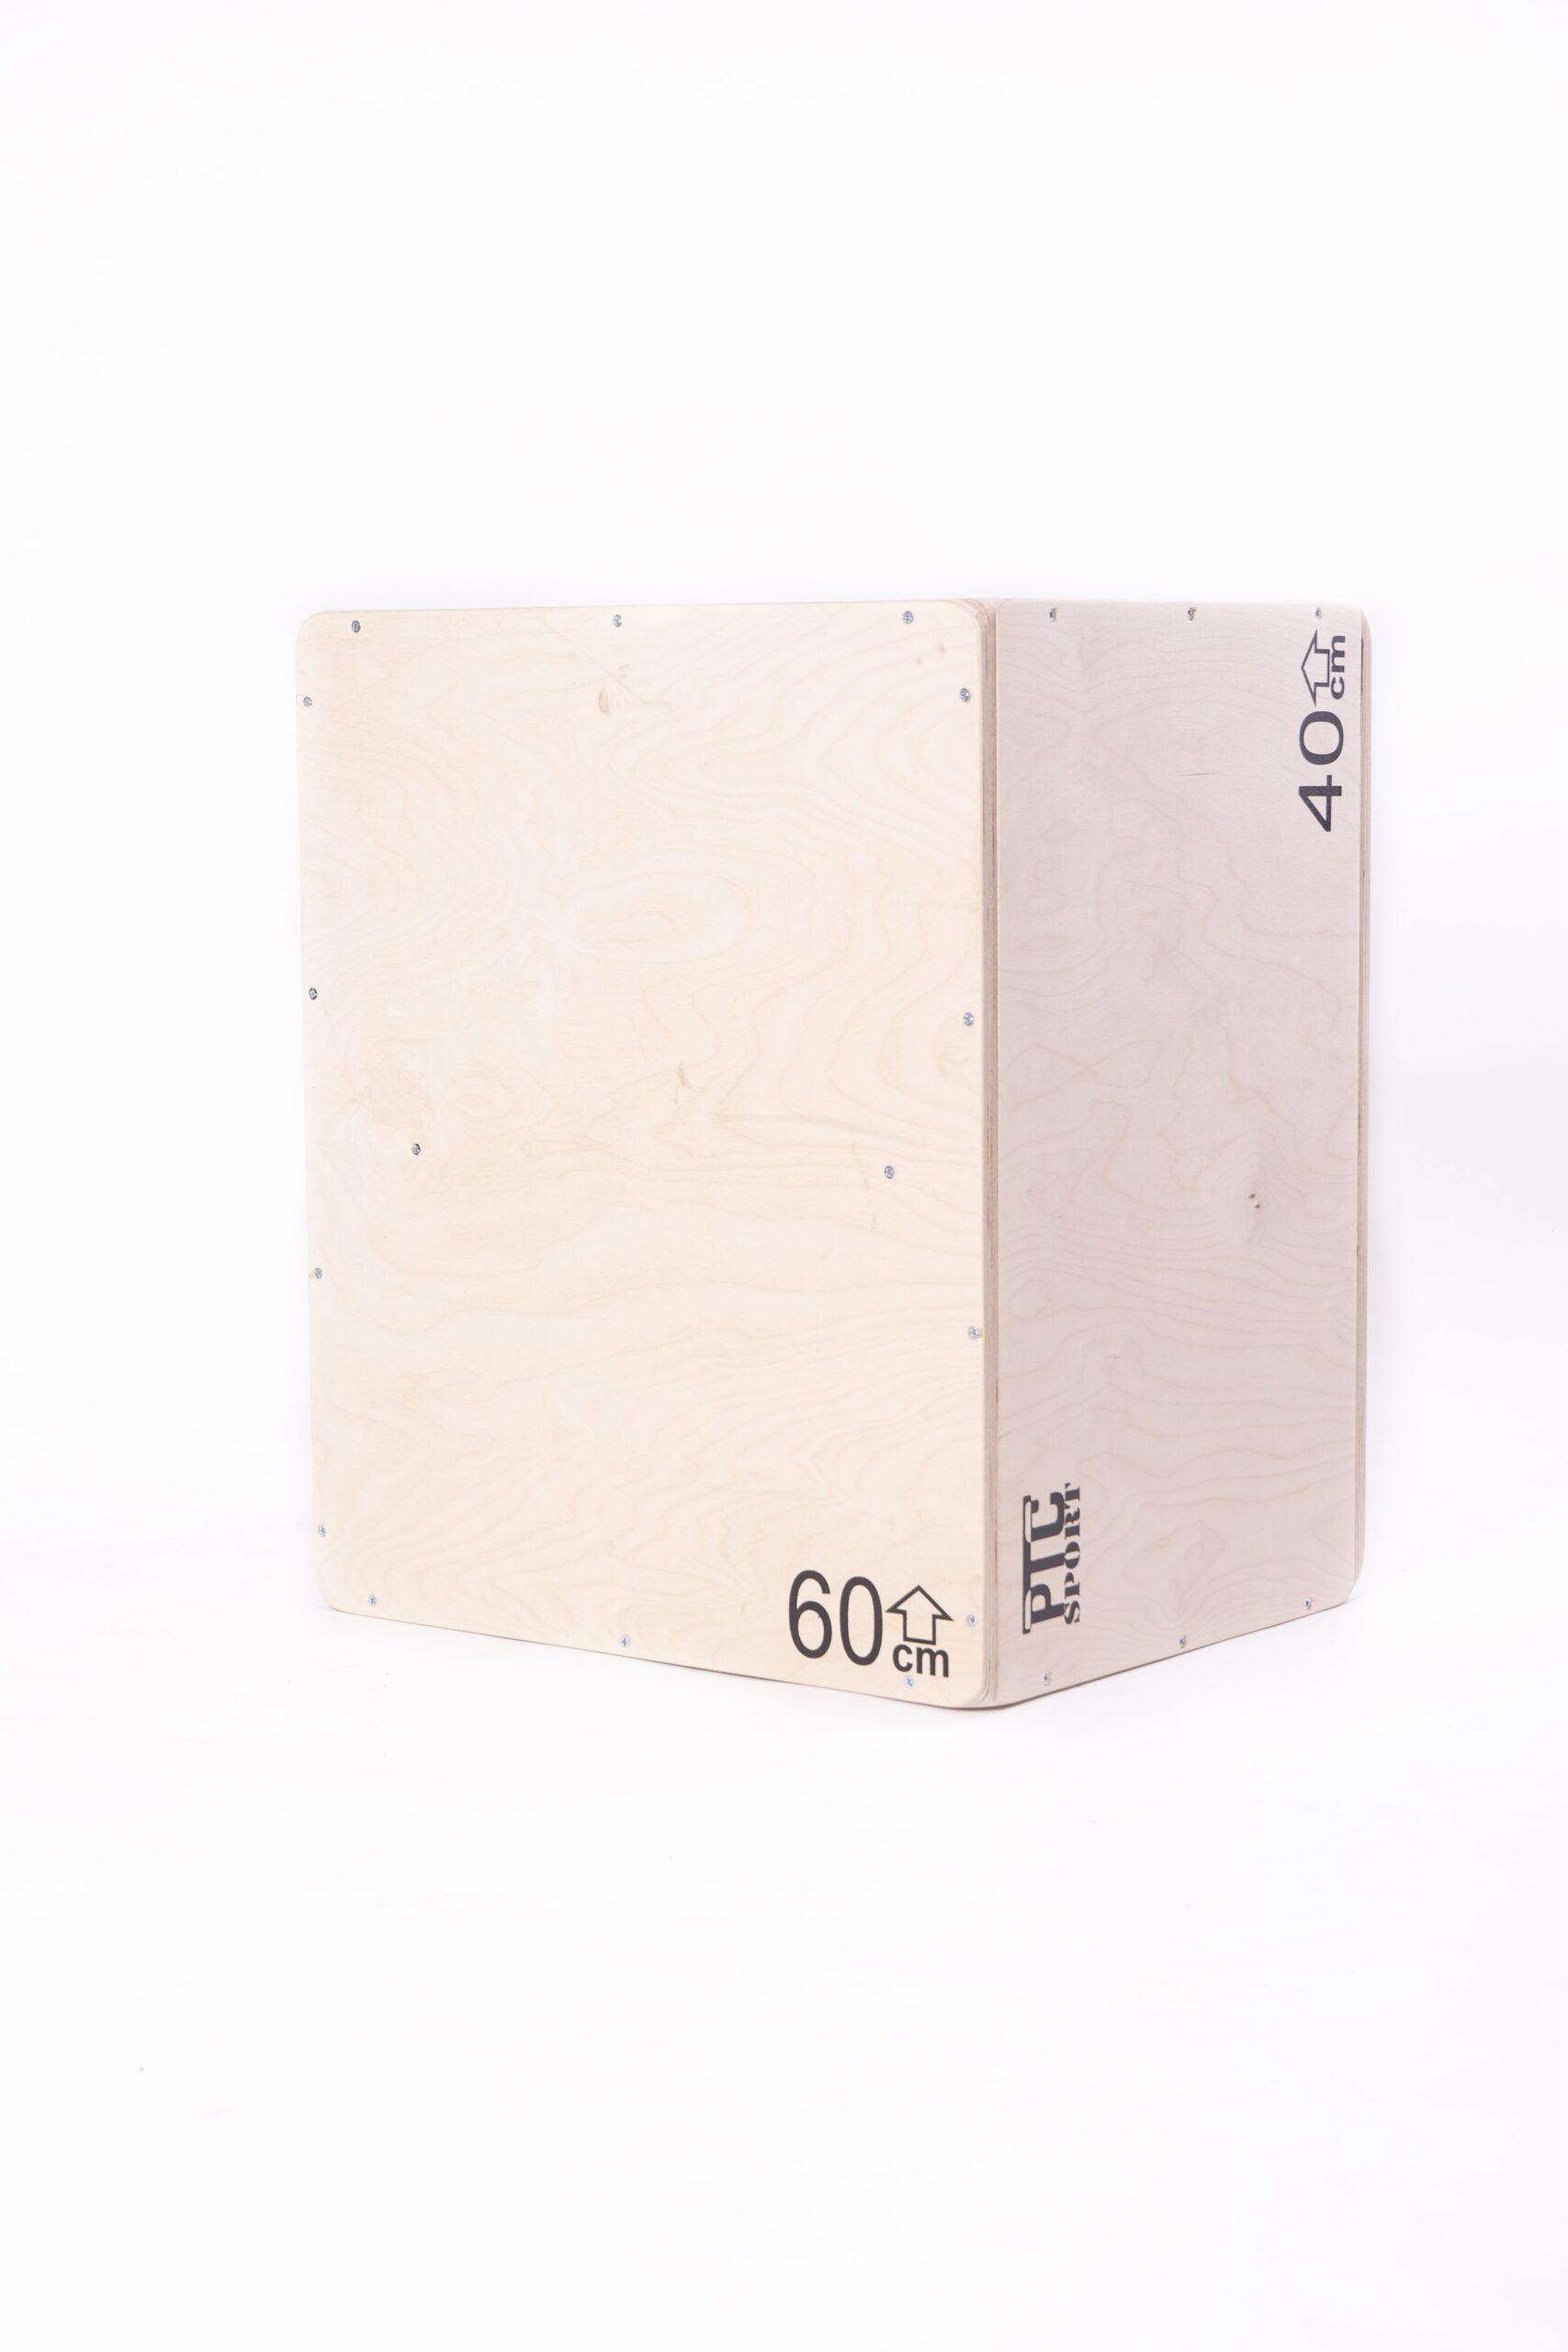 Skrzynia plyometryczna crossfit 60cm x 50cm x 40cm